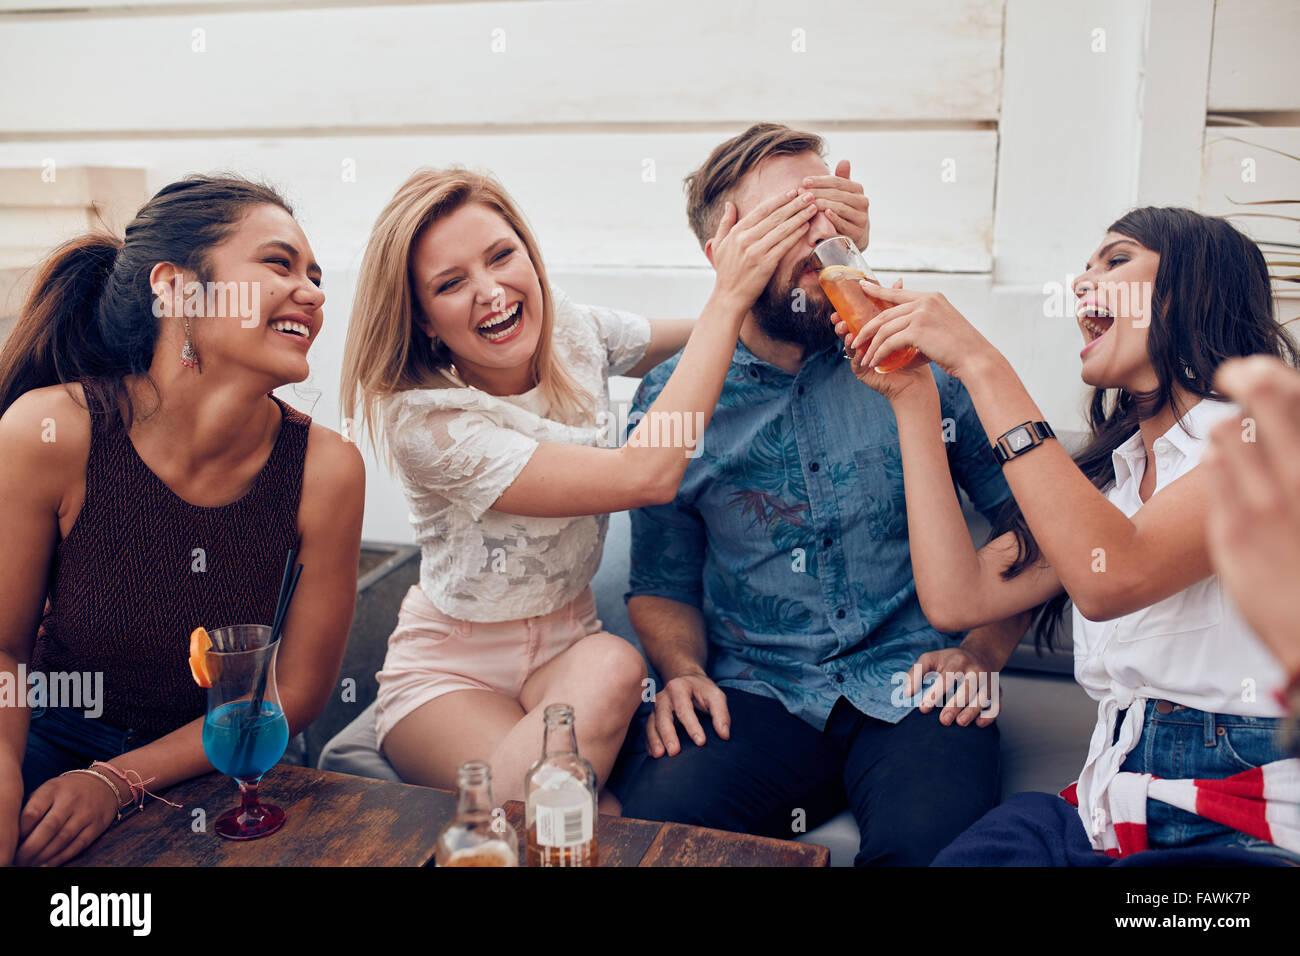 Jóvenes amigos sentados juntos disfrutando de partido. Mujer cerrando los ojos de un hombre con otro dando Imagen De Stock